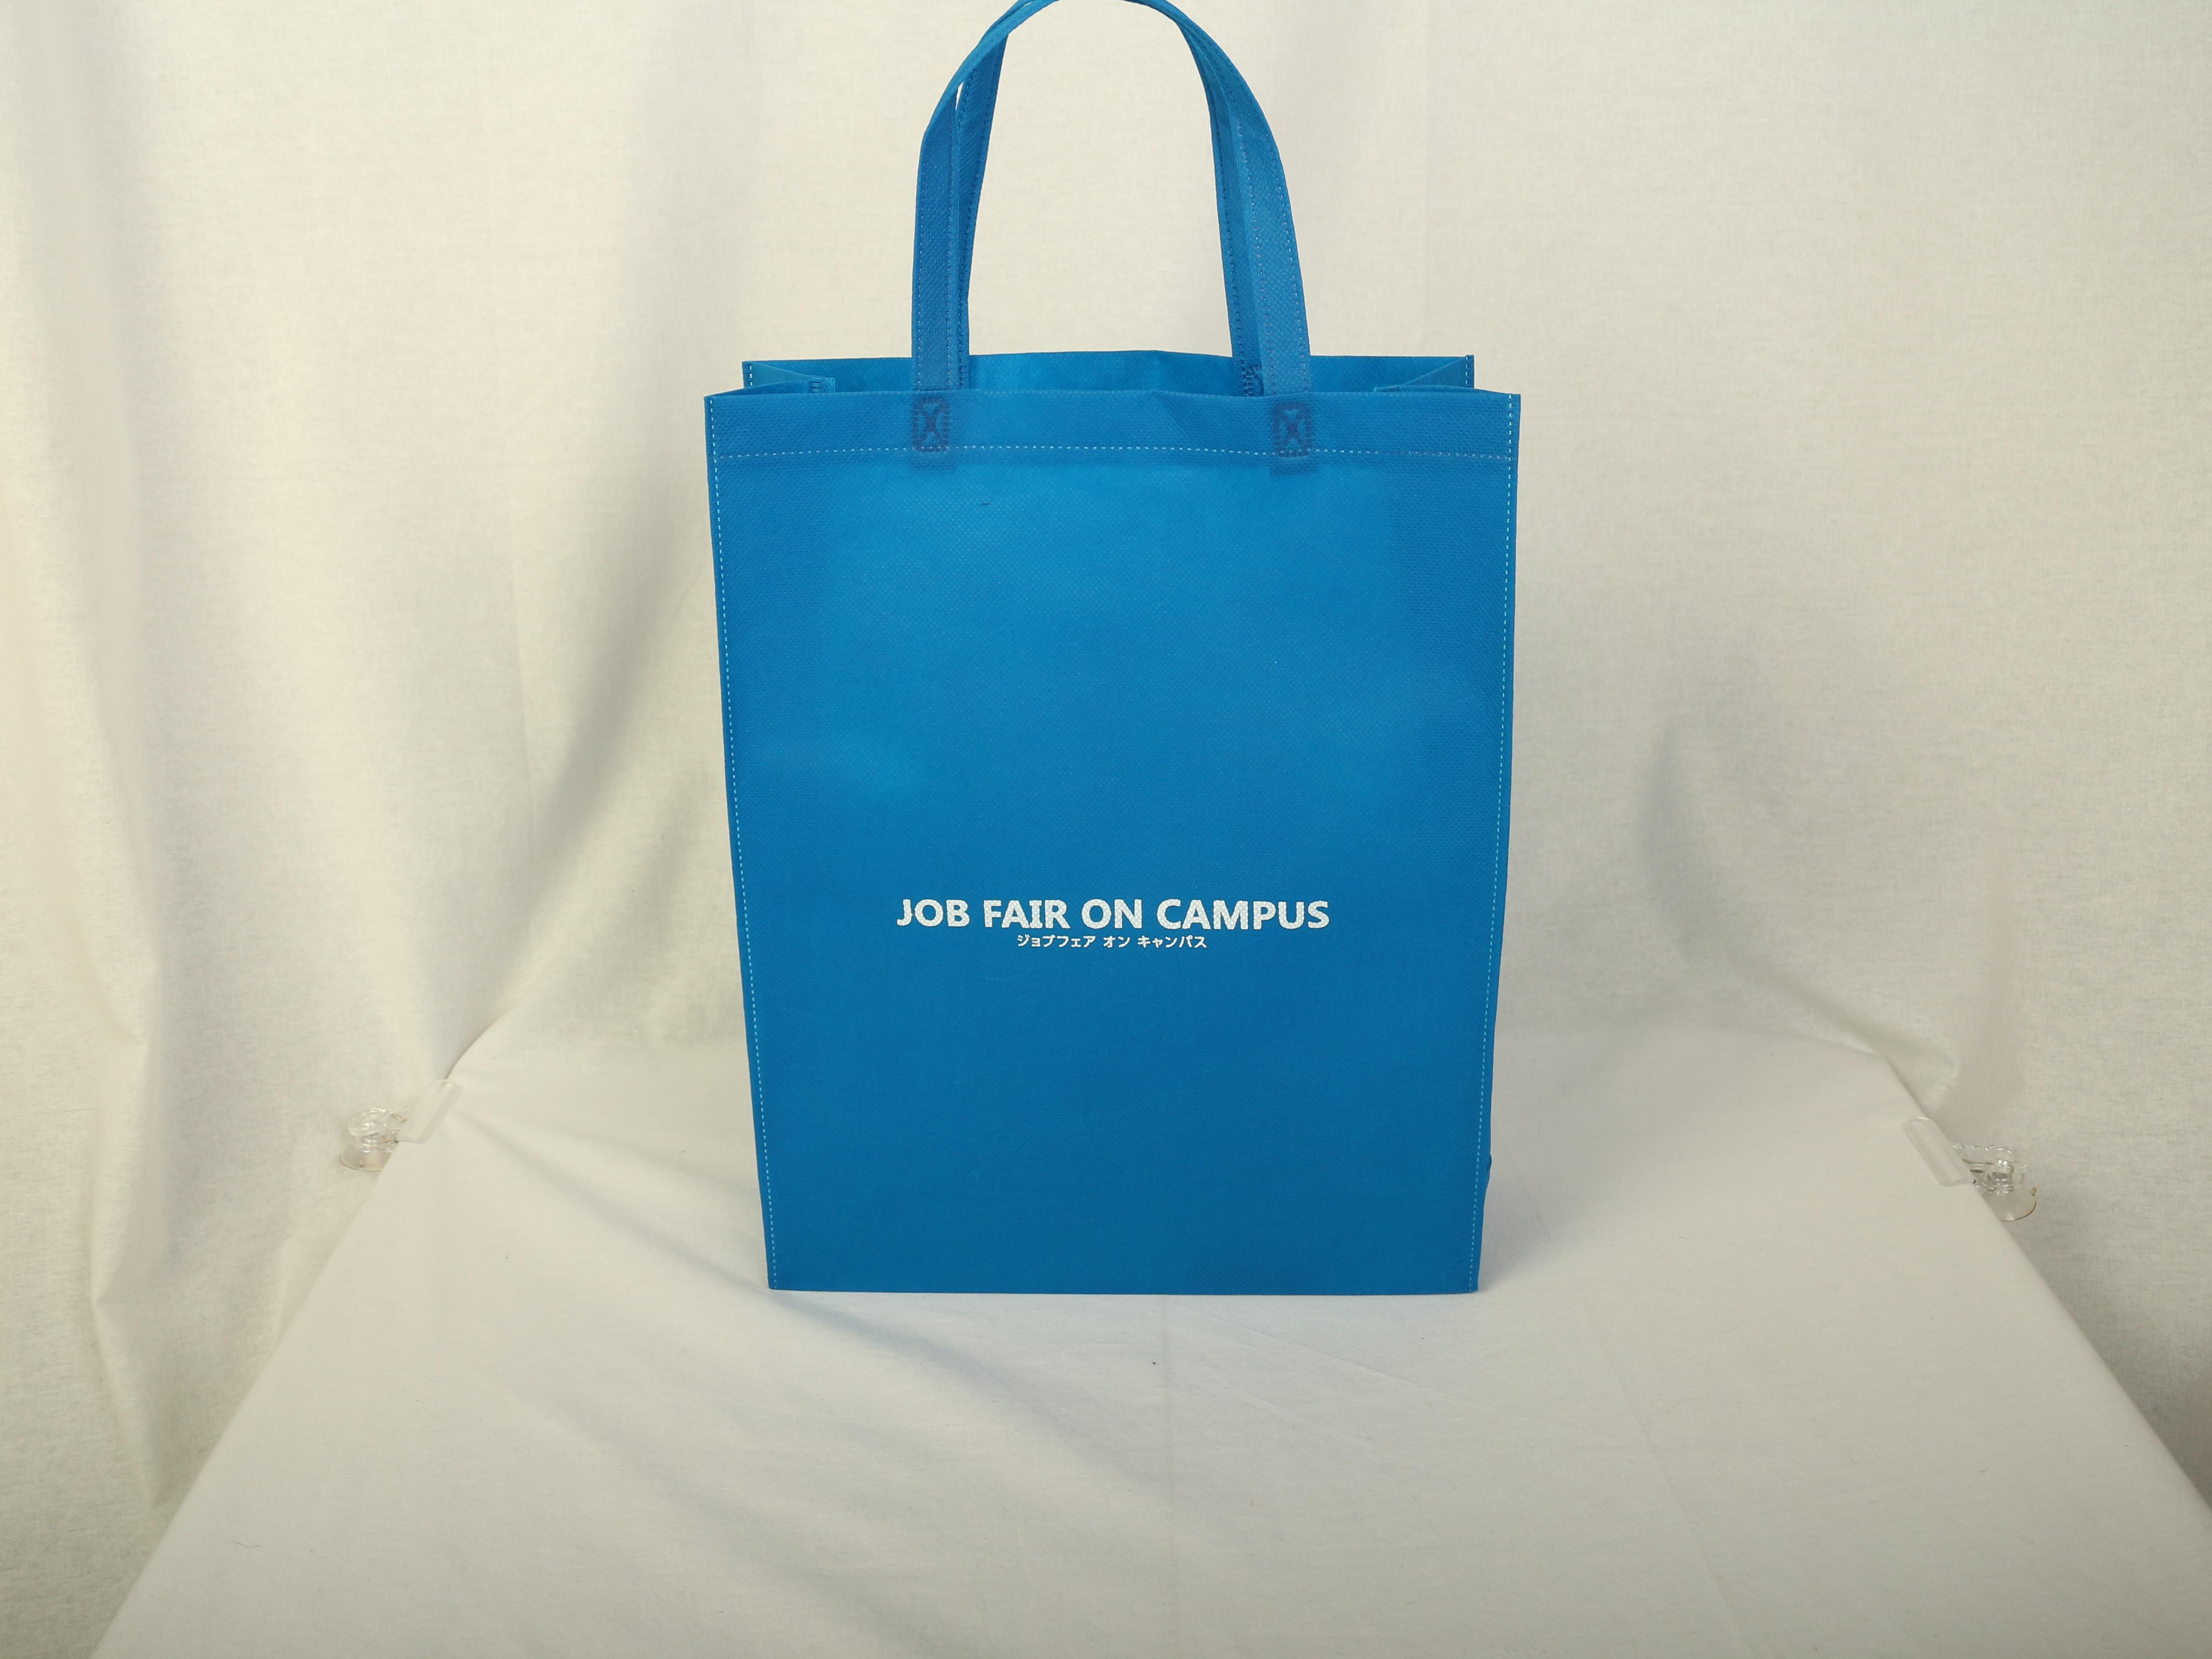 中四国エリアの人材サービス会社様オリジナル不織布バッグ